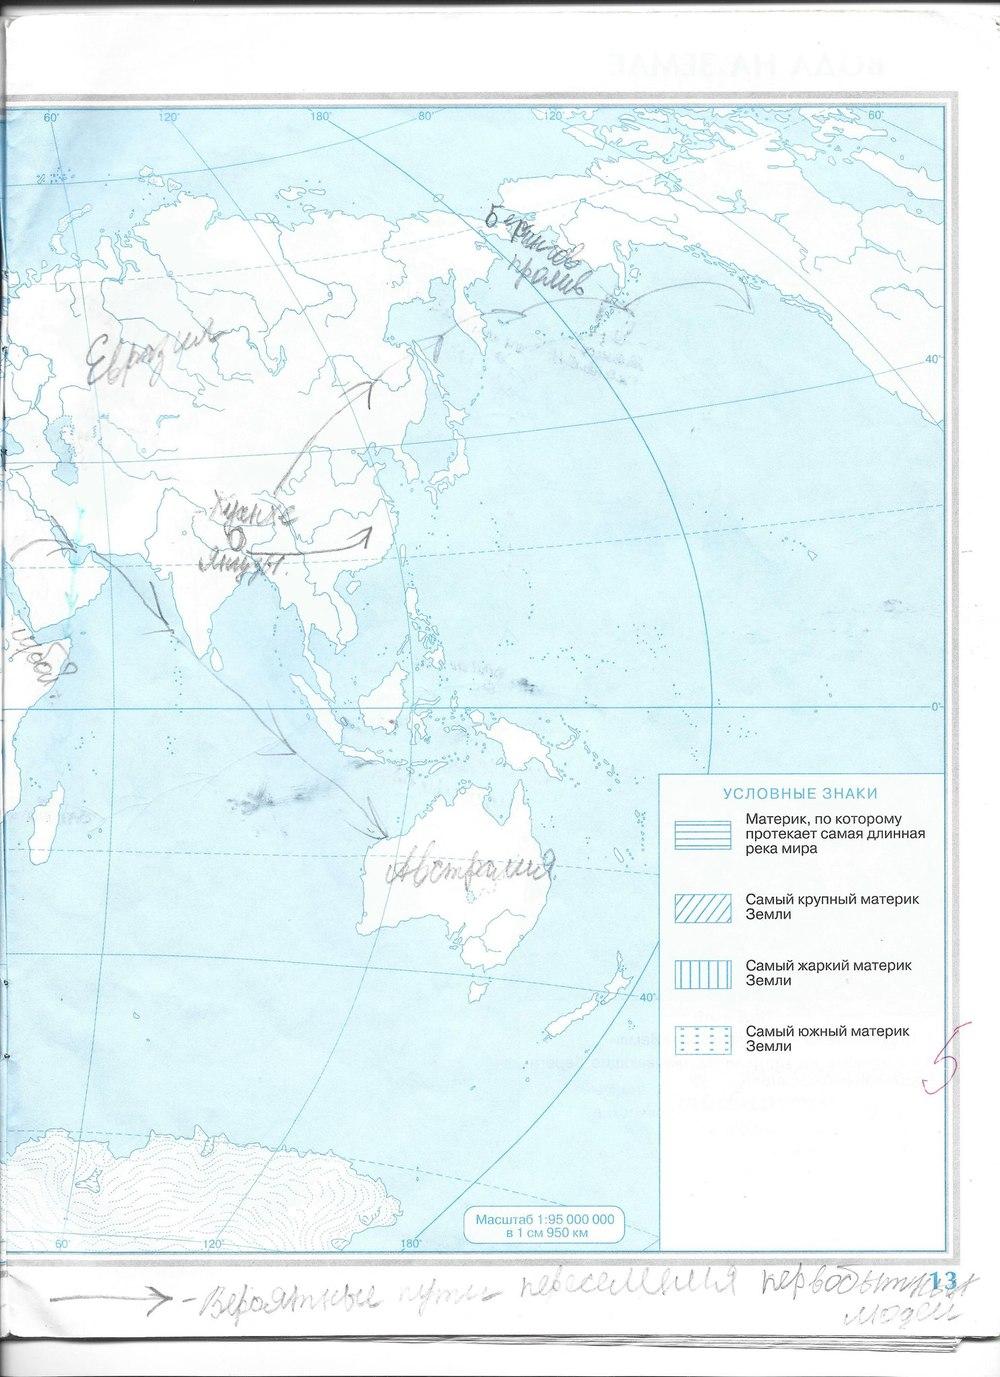 2018 в гдз класс дрофа географии контурной карте по 5